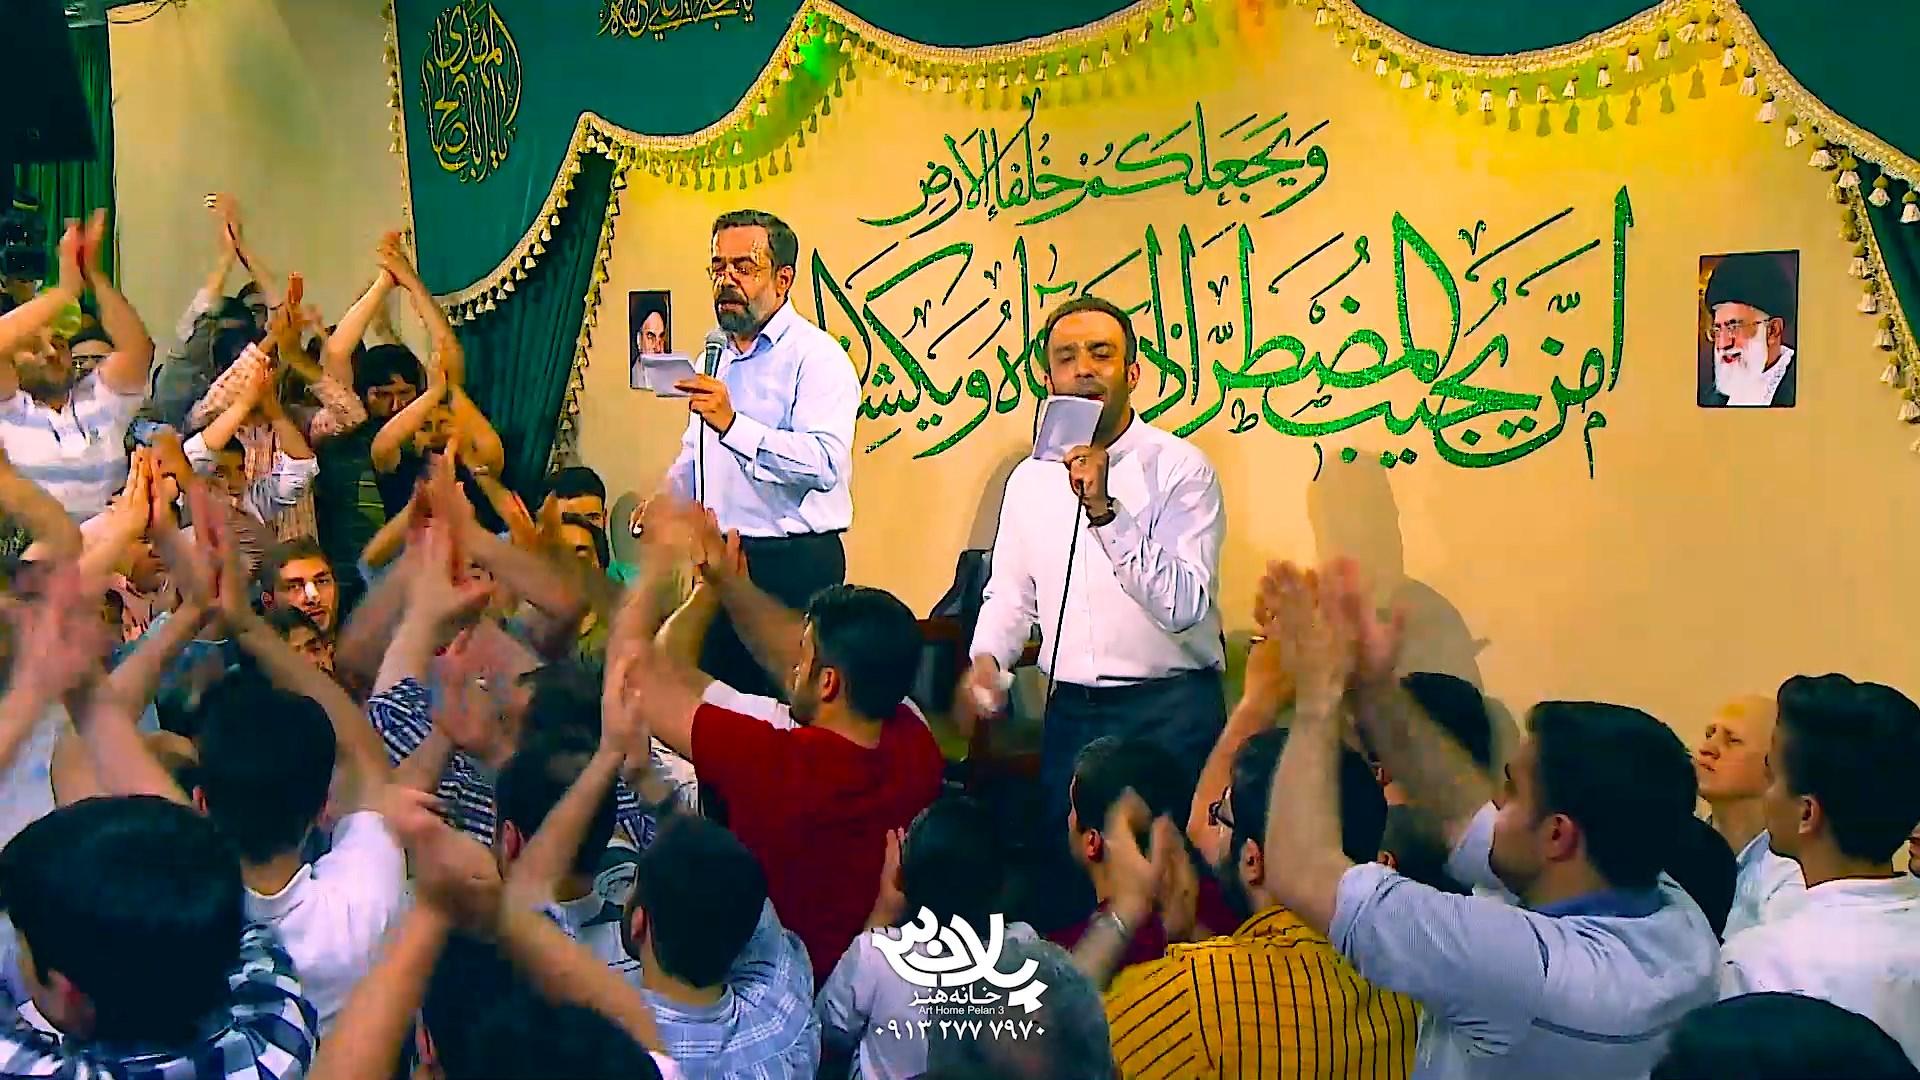 روی عطره بودنت حاج محمود کریمی حاج محمد صمیمی